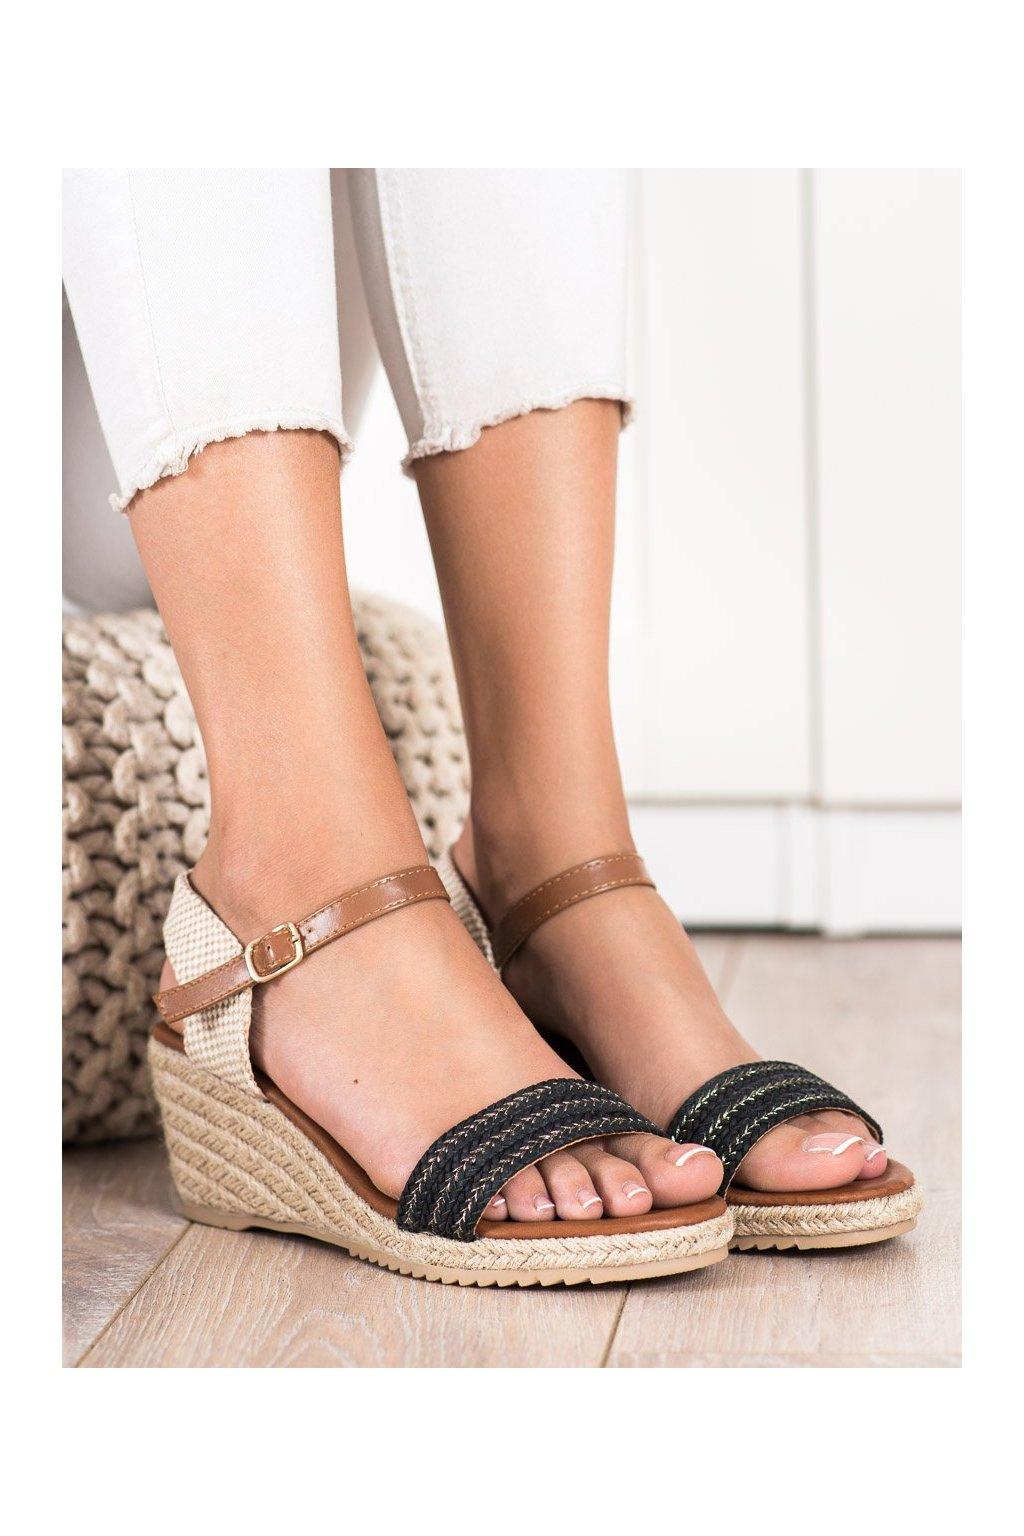 Čierne dámske sandále Shelovet kod H086NE